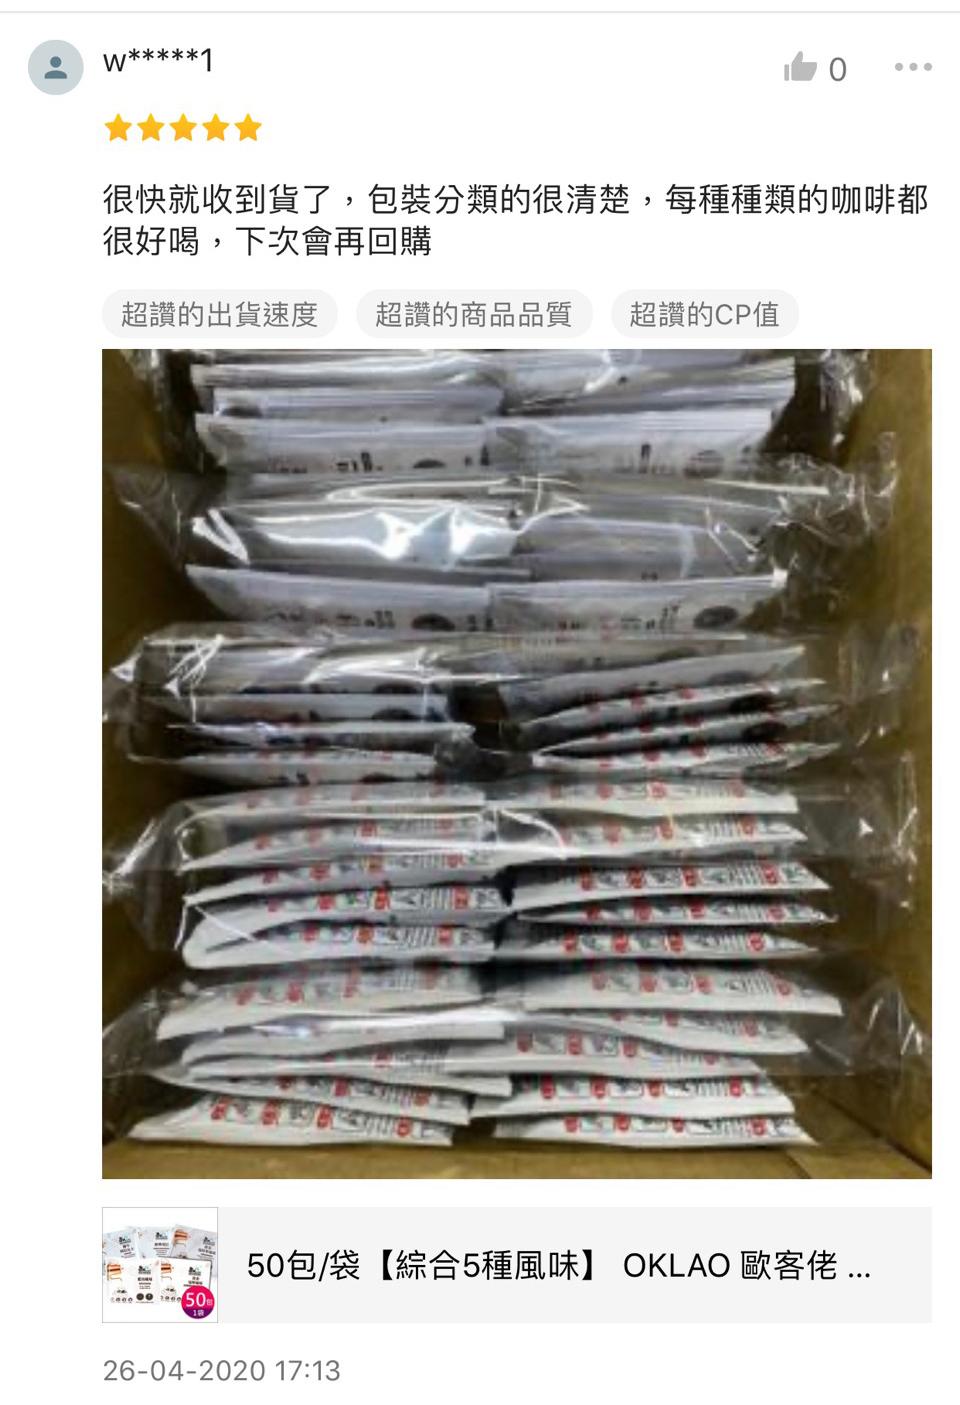 50包/袋【綜合5種風味】 OKLAO 歐客佬 咖啡 寮國 掛耳包 5種風味一起享用 掛耳 很快就收到貨了,包裝分類的很清楚,每種種類的咖啡都很好喝,下次會再回購